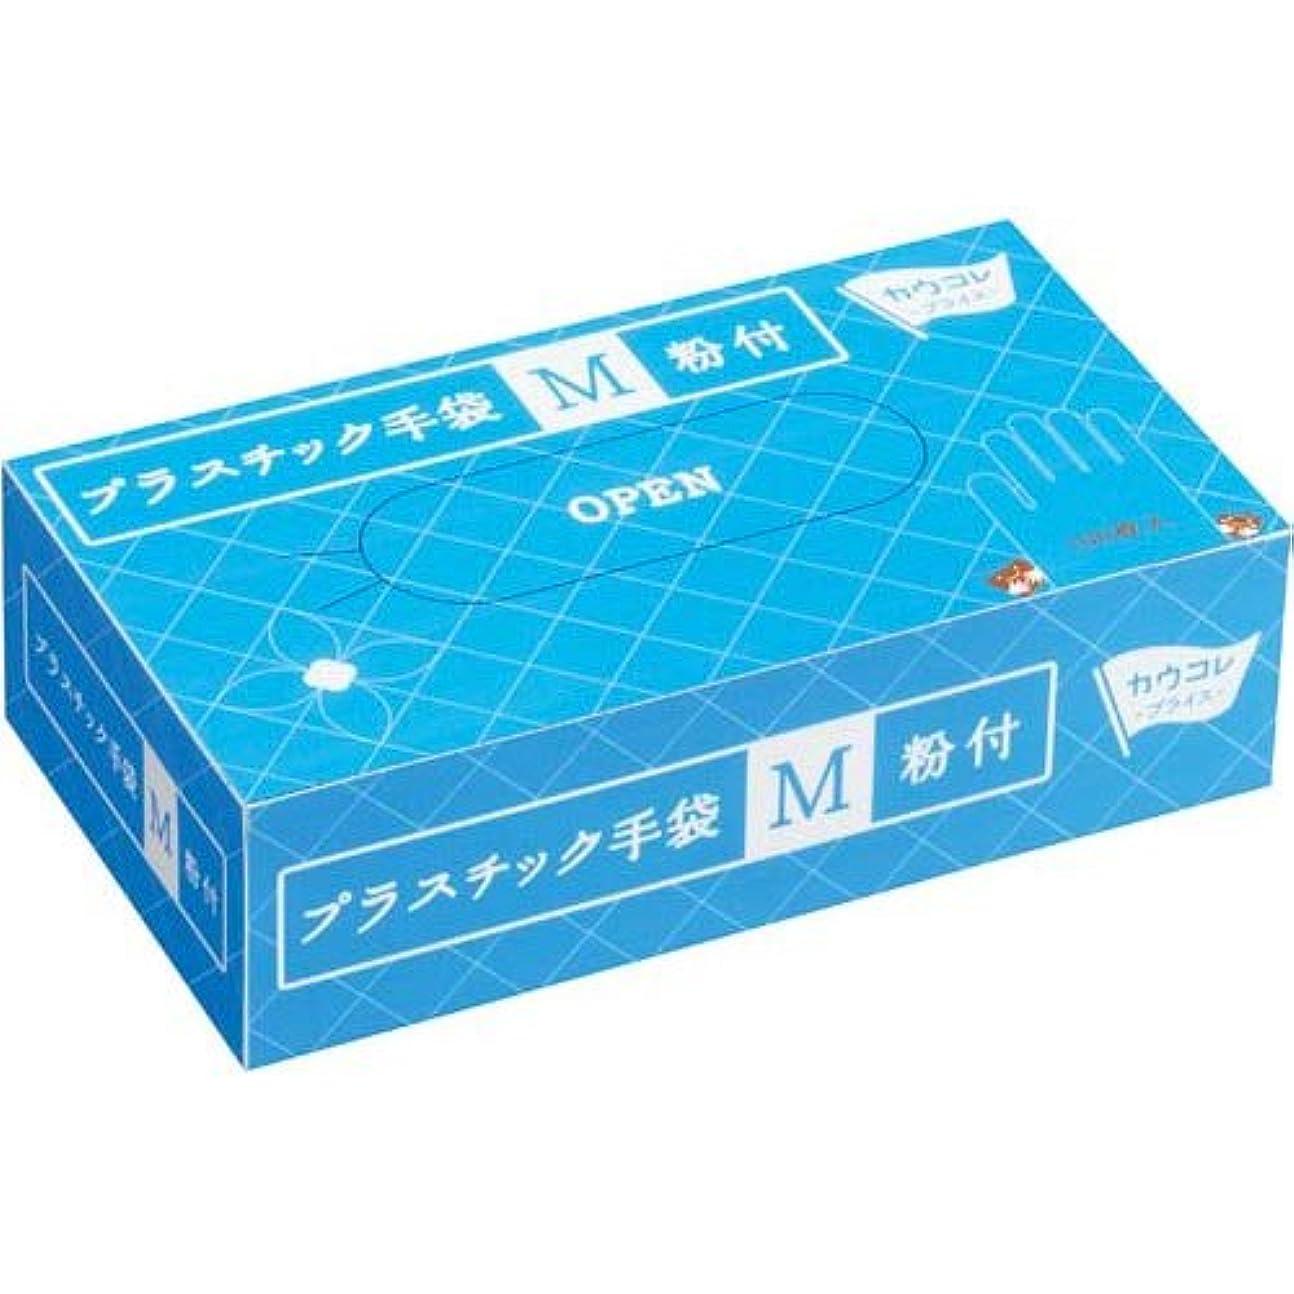 メンターいっぱいわずかにカウネット プラスチック手袋 粉付M 100枚入×30